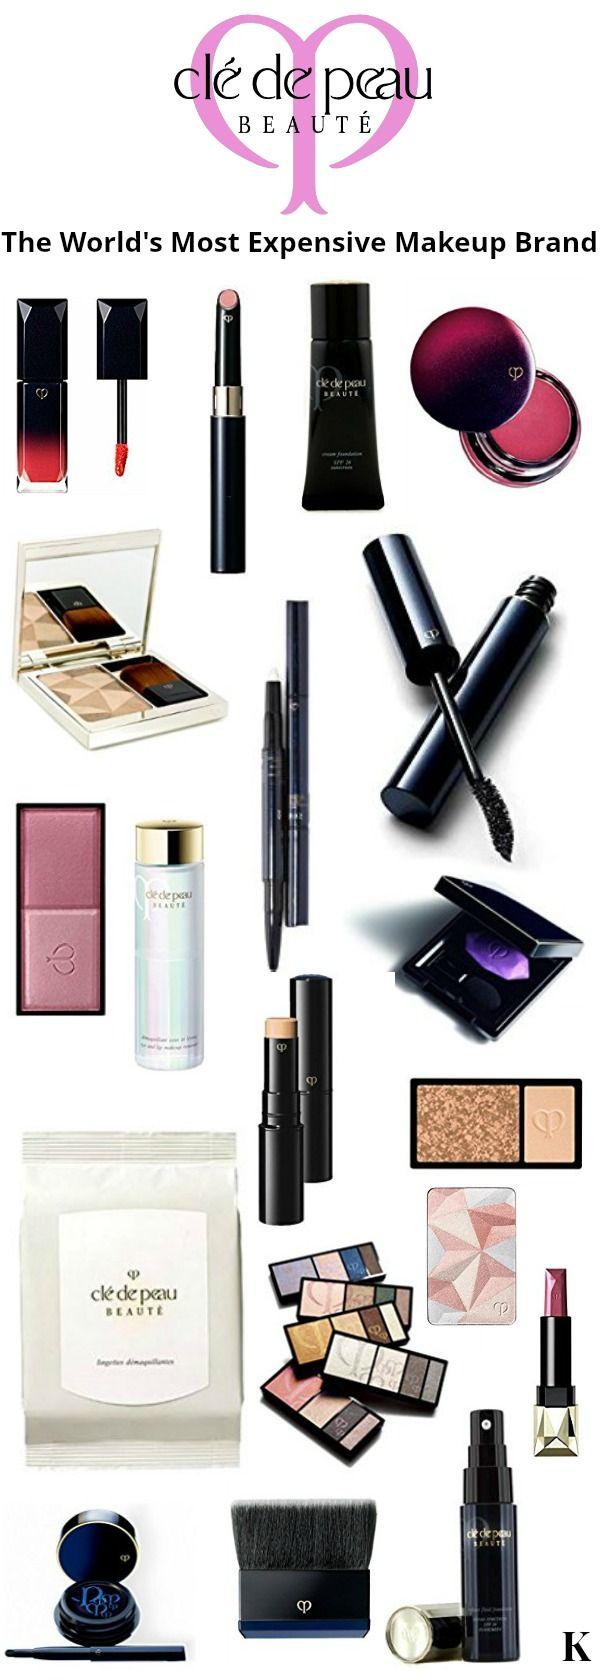 Clé de Peau Makeup The World's Most Expensive Makeup